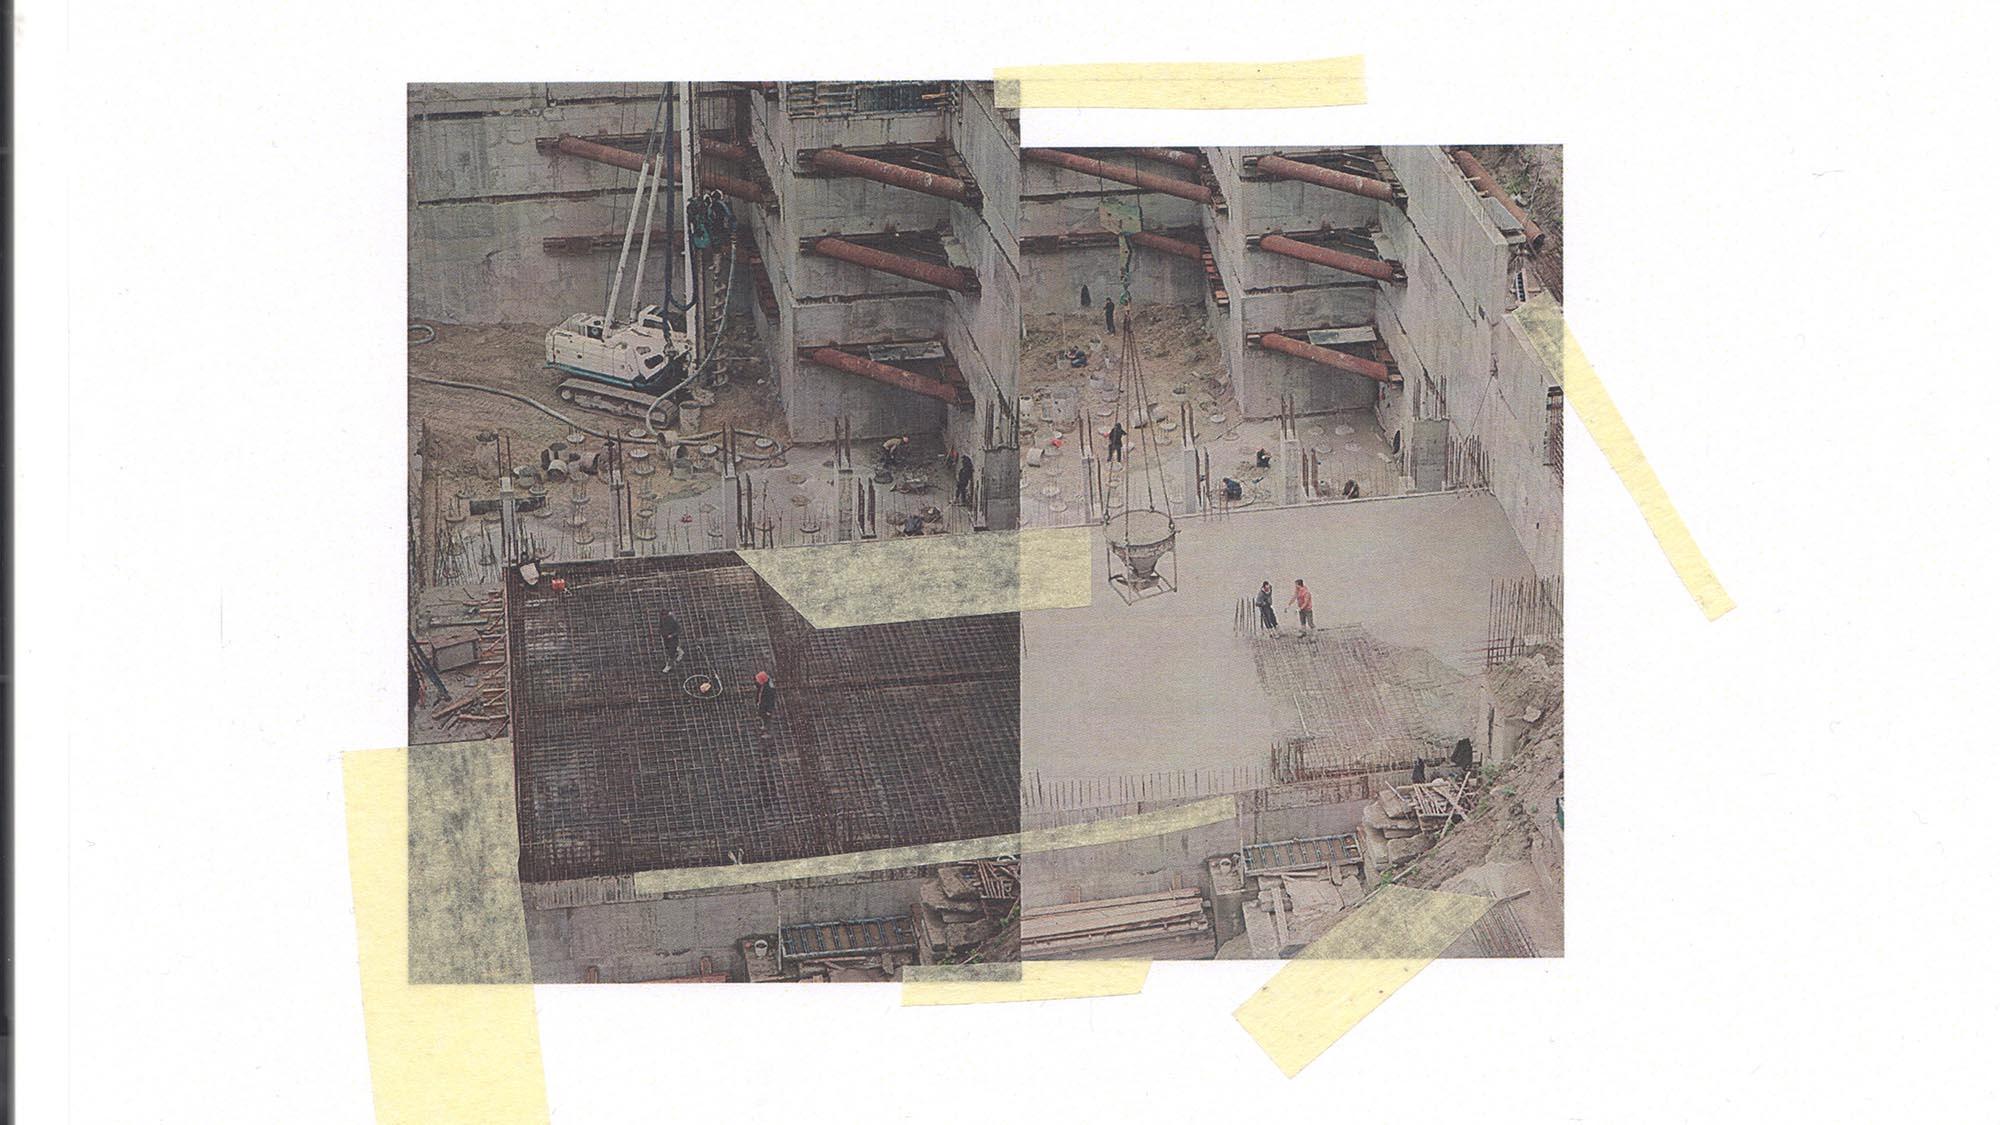 z sayenko 16 censorship 051220 - <b>Спи міцно, моє будівництво.</b> Проєкт Олесі Саєнко — у «Рівні цензури» - Заборона